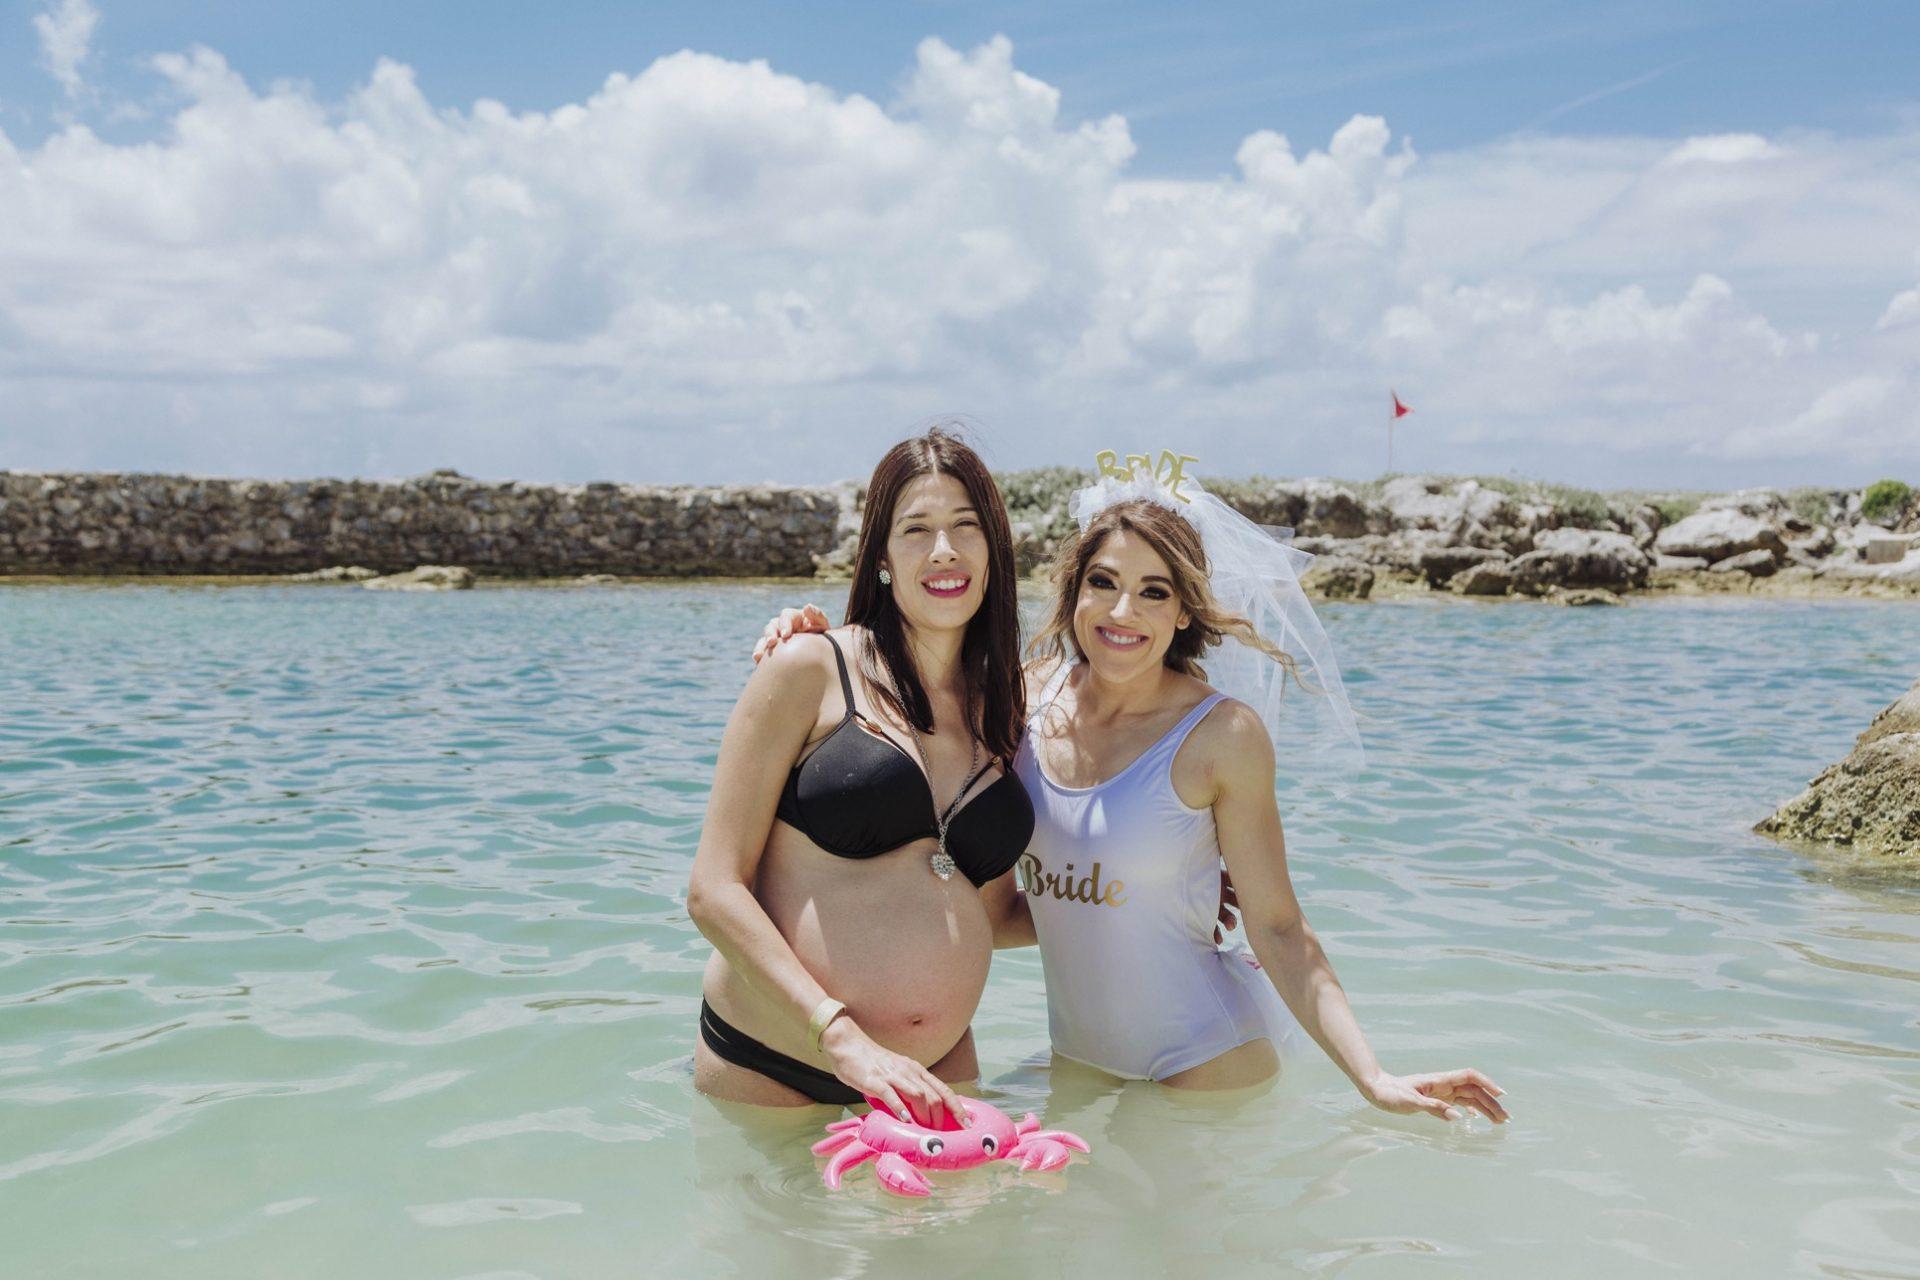 fotografo_bodas_profesional_zacatecas_riviera_maya_cancun-178